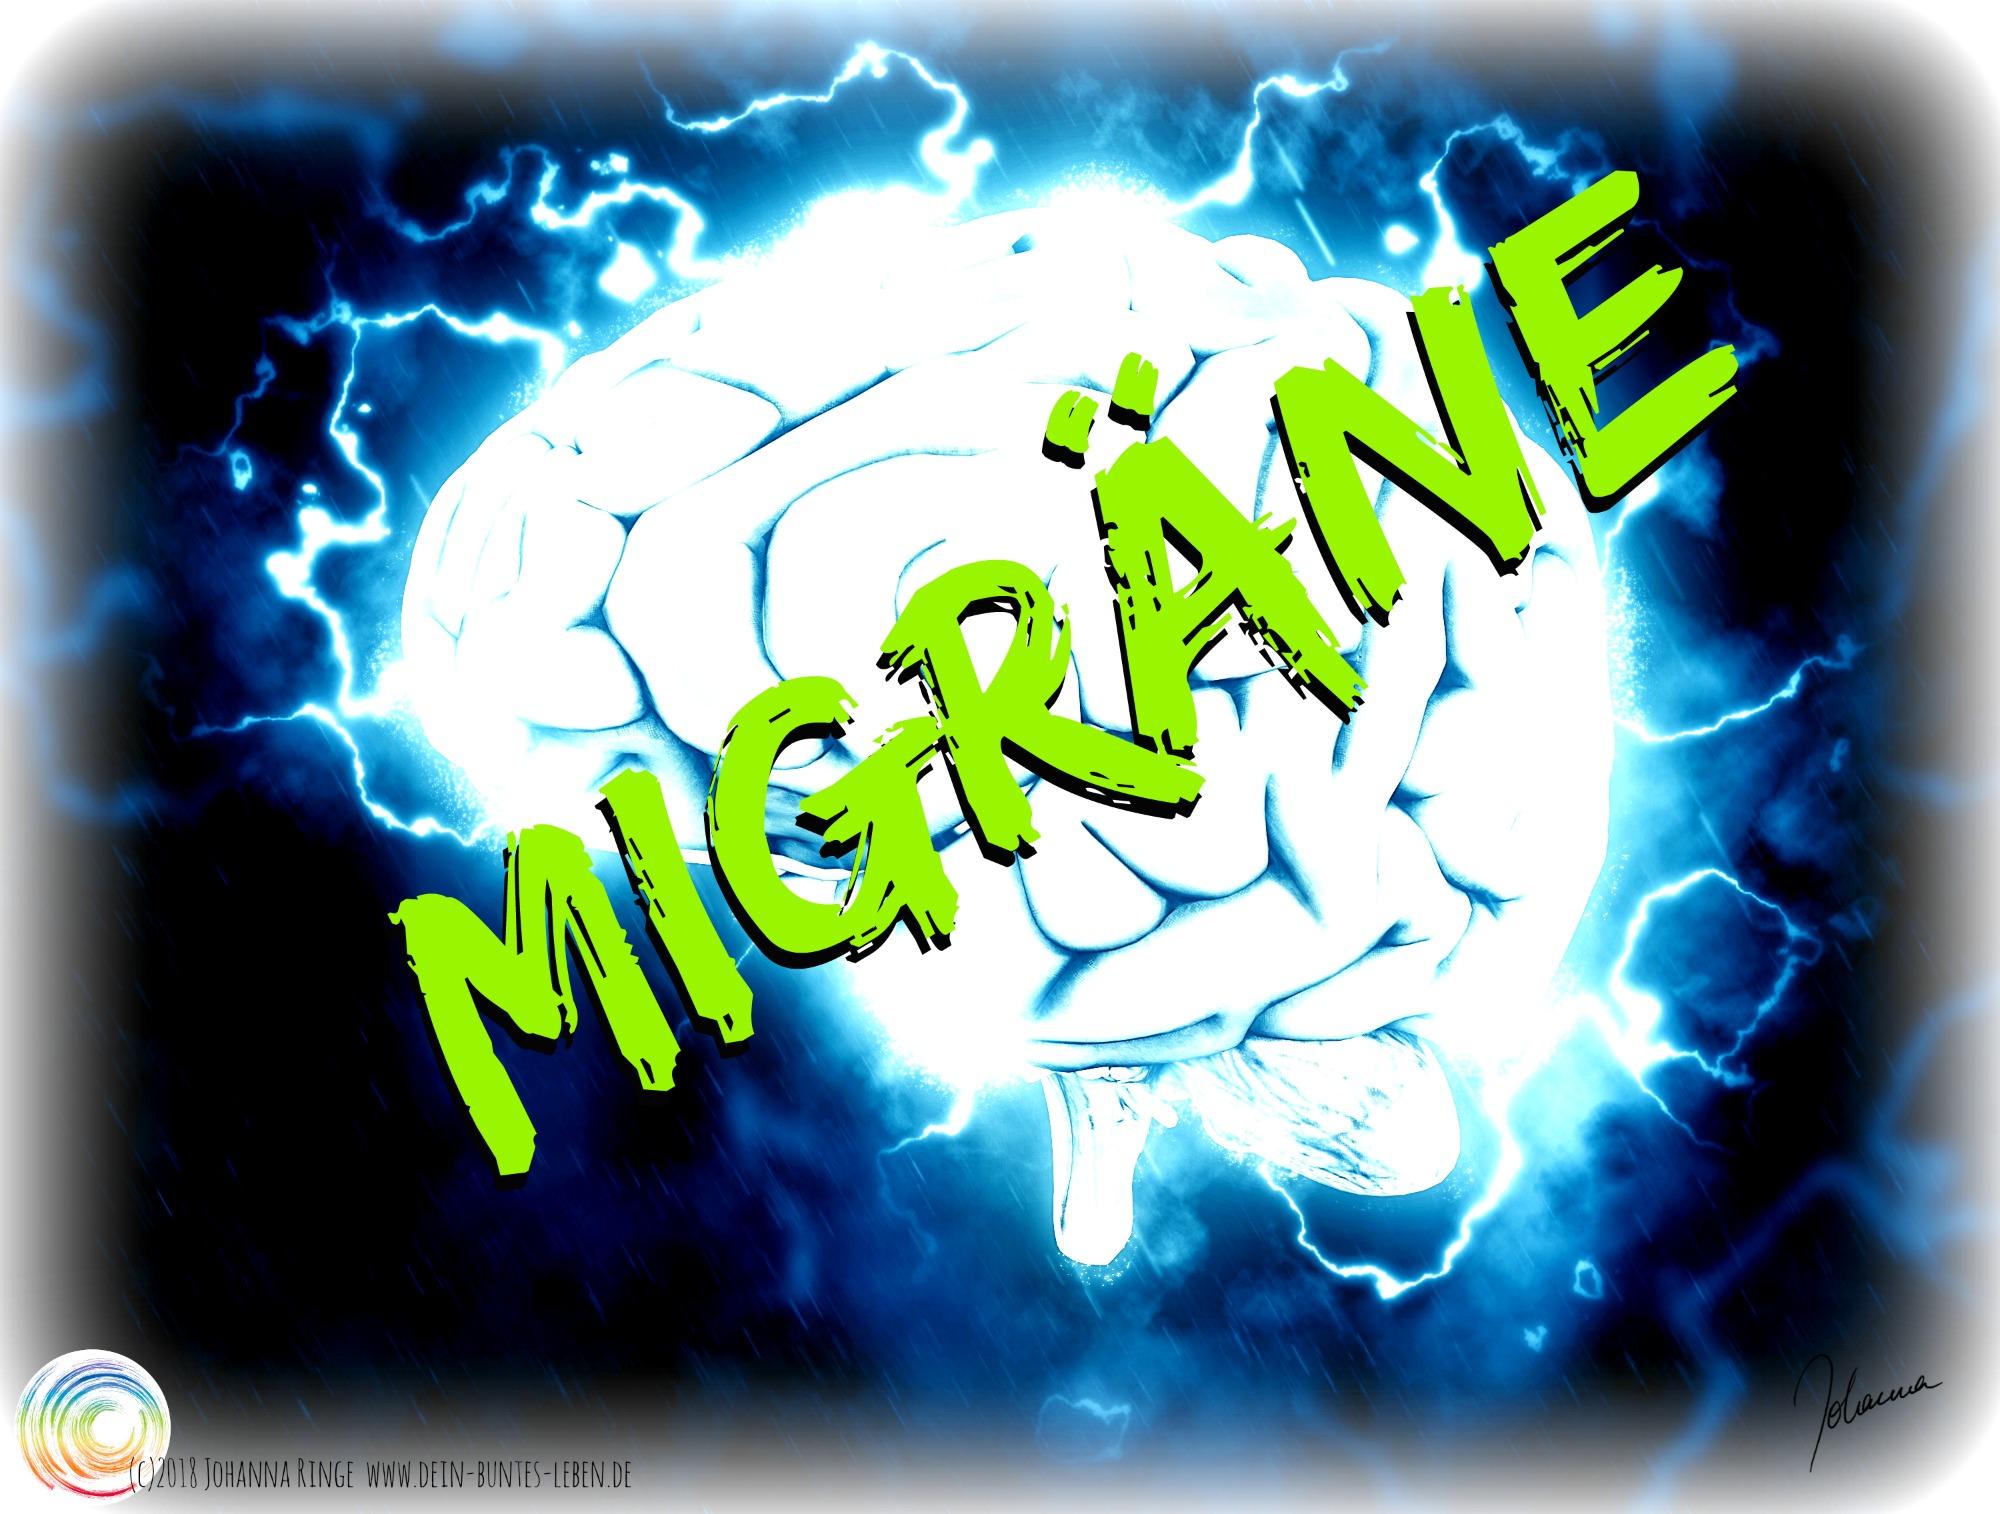 Migräne: der Schriftzug vor einem von Blitzen umzuckten Gehirn. (c)2018 Johanna Ringe www.dein-buntes-leben.de